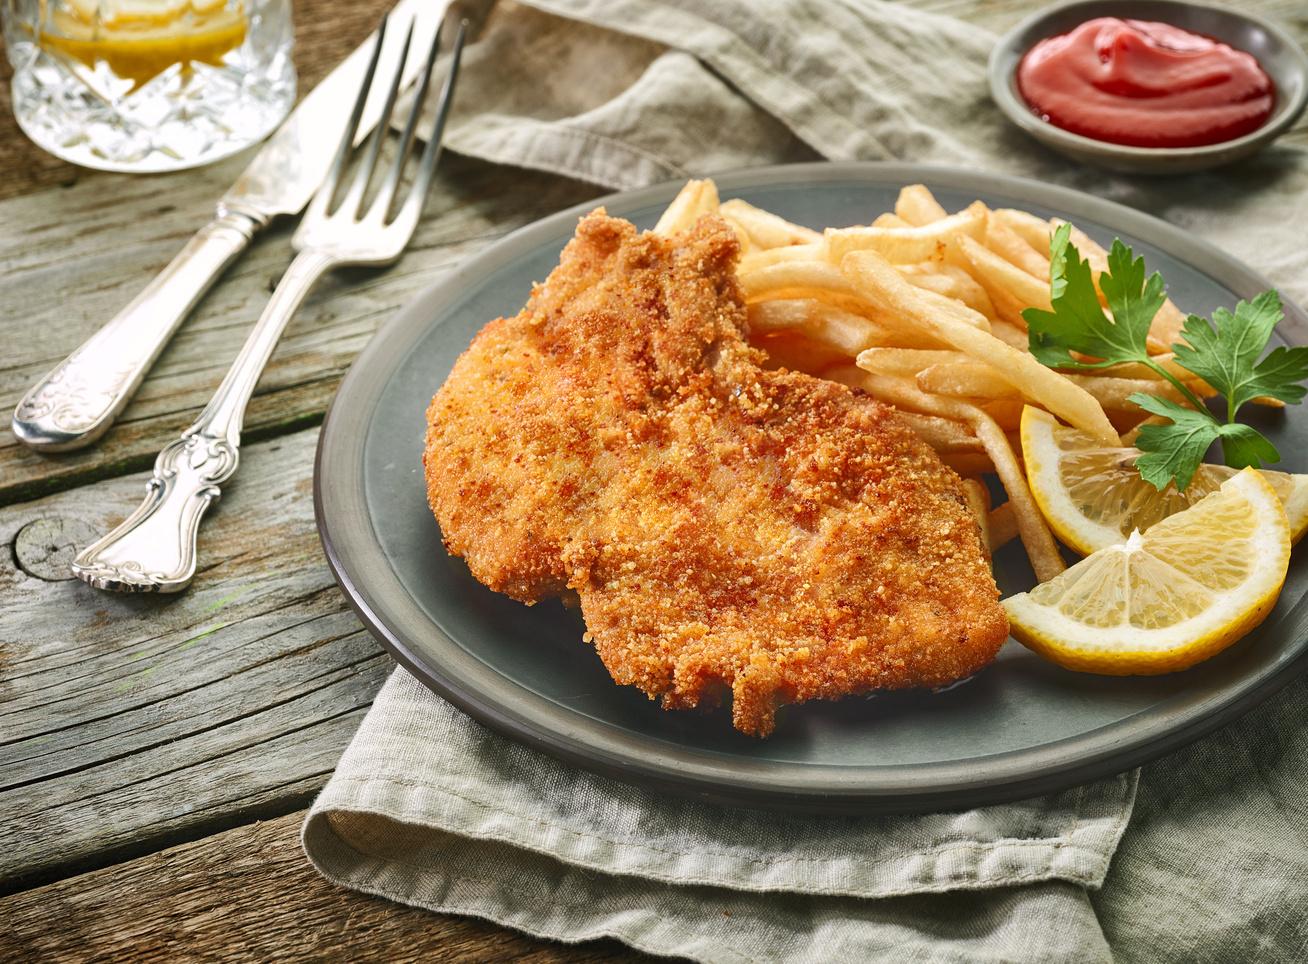 mustaros-csirkemell-recept